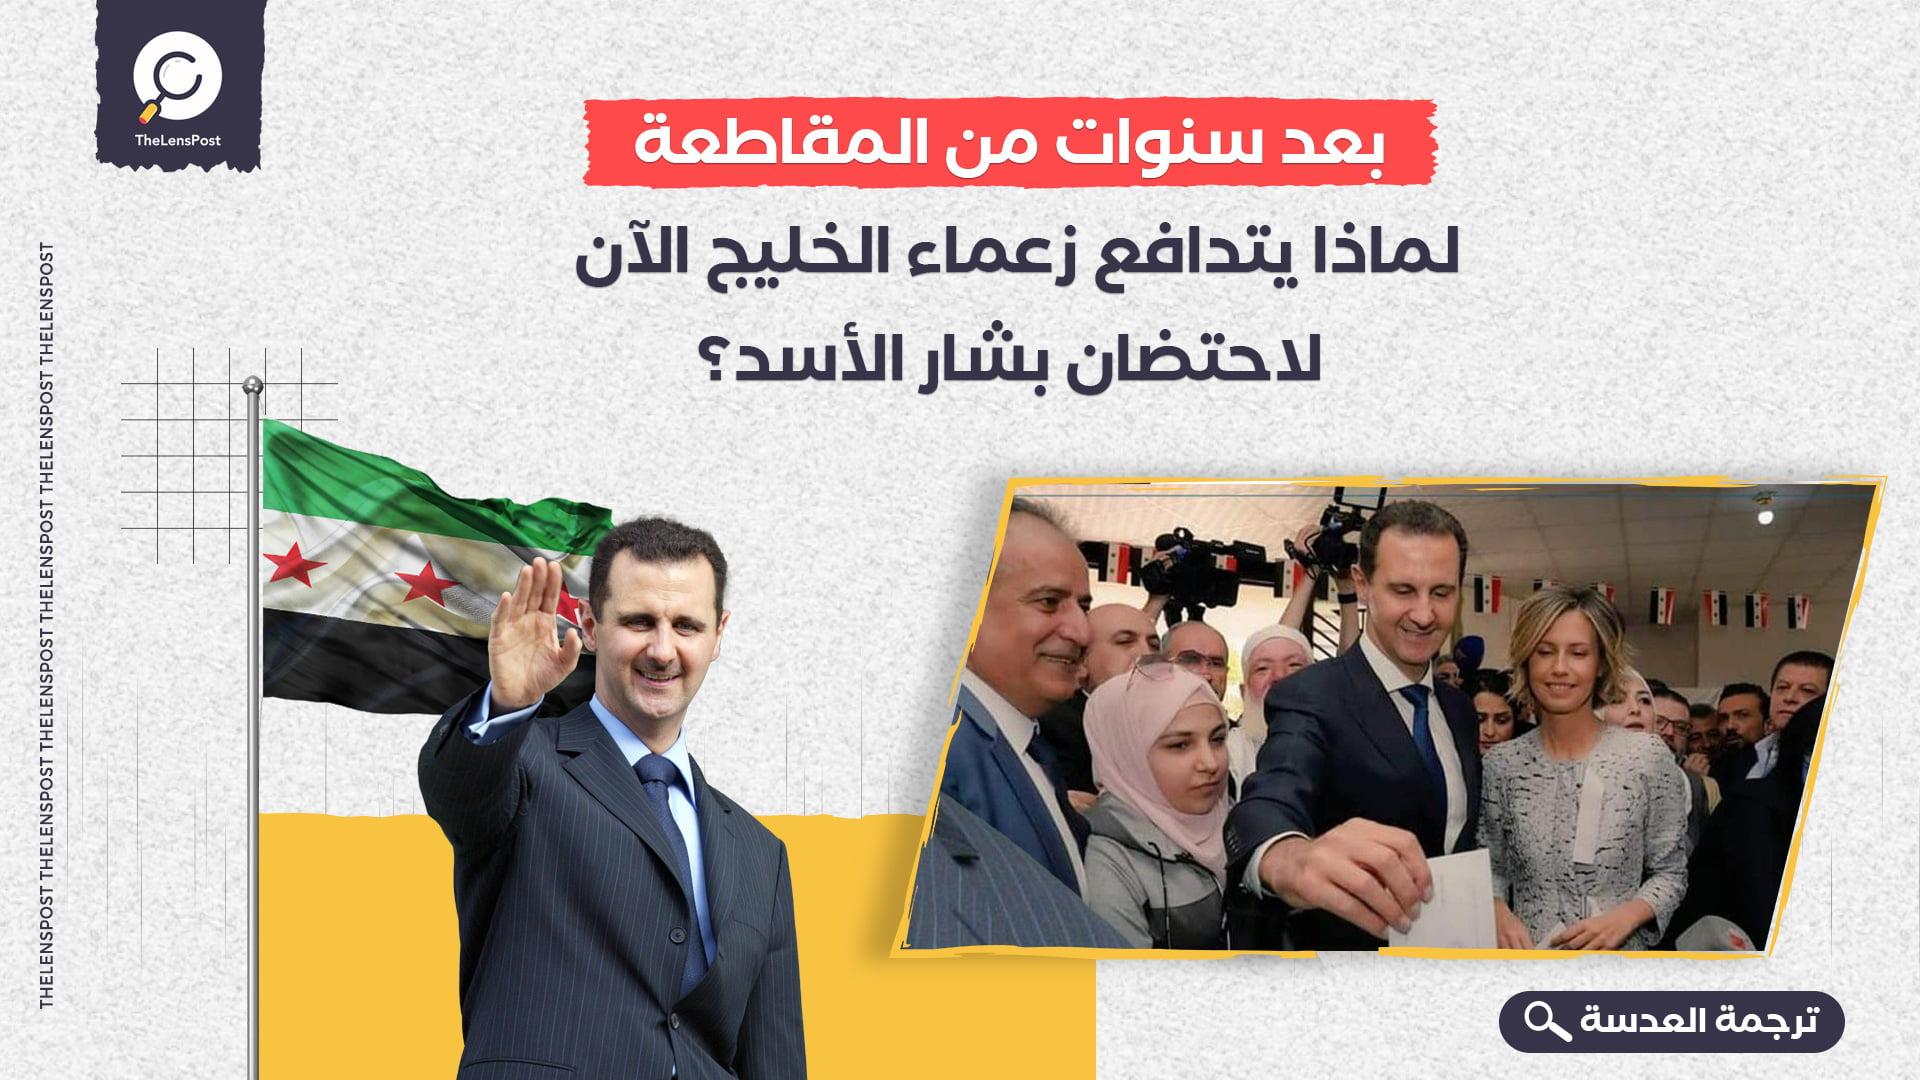 بعد سنوات من المقاطعة... لماذا يتدافع زعماء الخليج الآن لاحتضان بشار الأسد؟